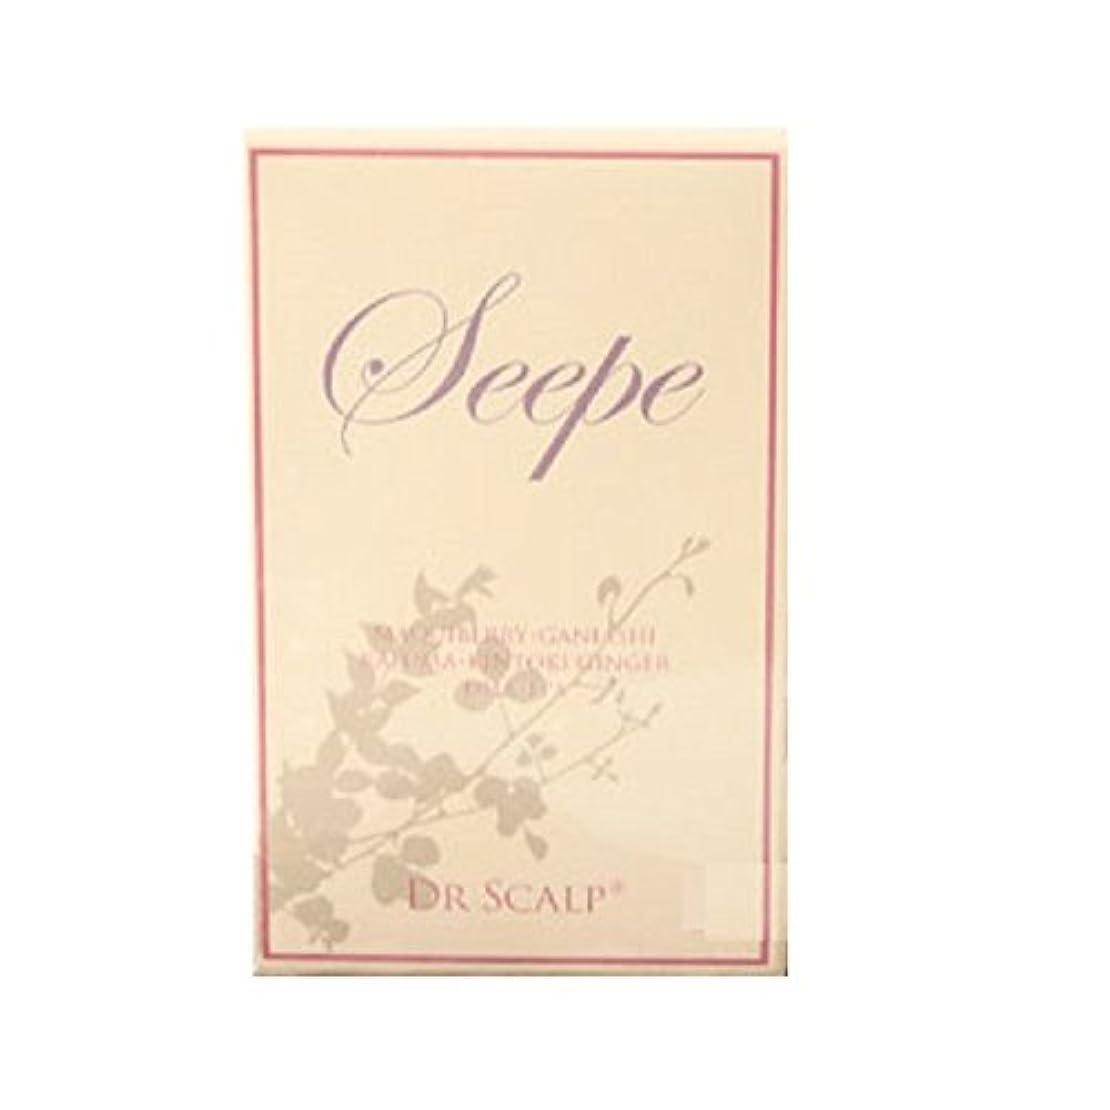 アジテーションスラック同級生ドクタースカルプ DR.SCALP(ドクタースカルプ)SEEPE(シープ) (サプリメント)※プロジェクトサプリメントのリニューアル商品です《60粒》